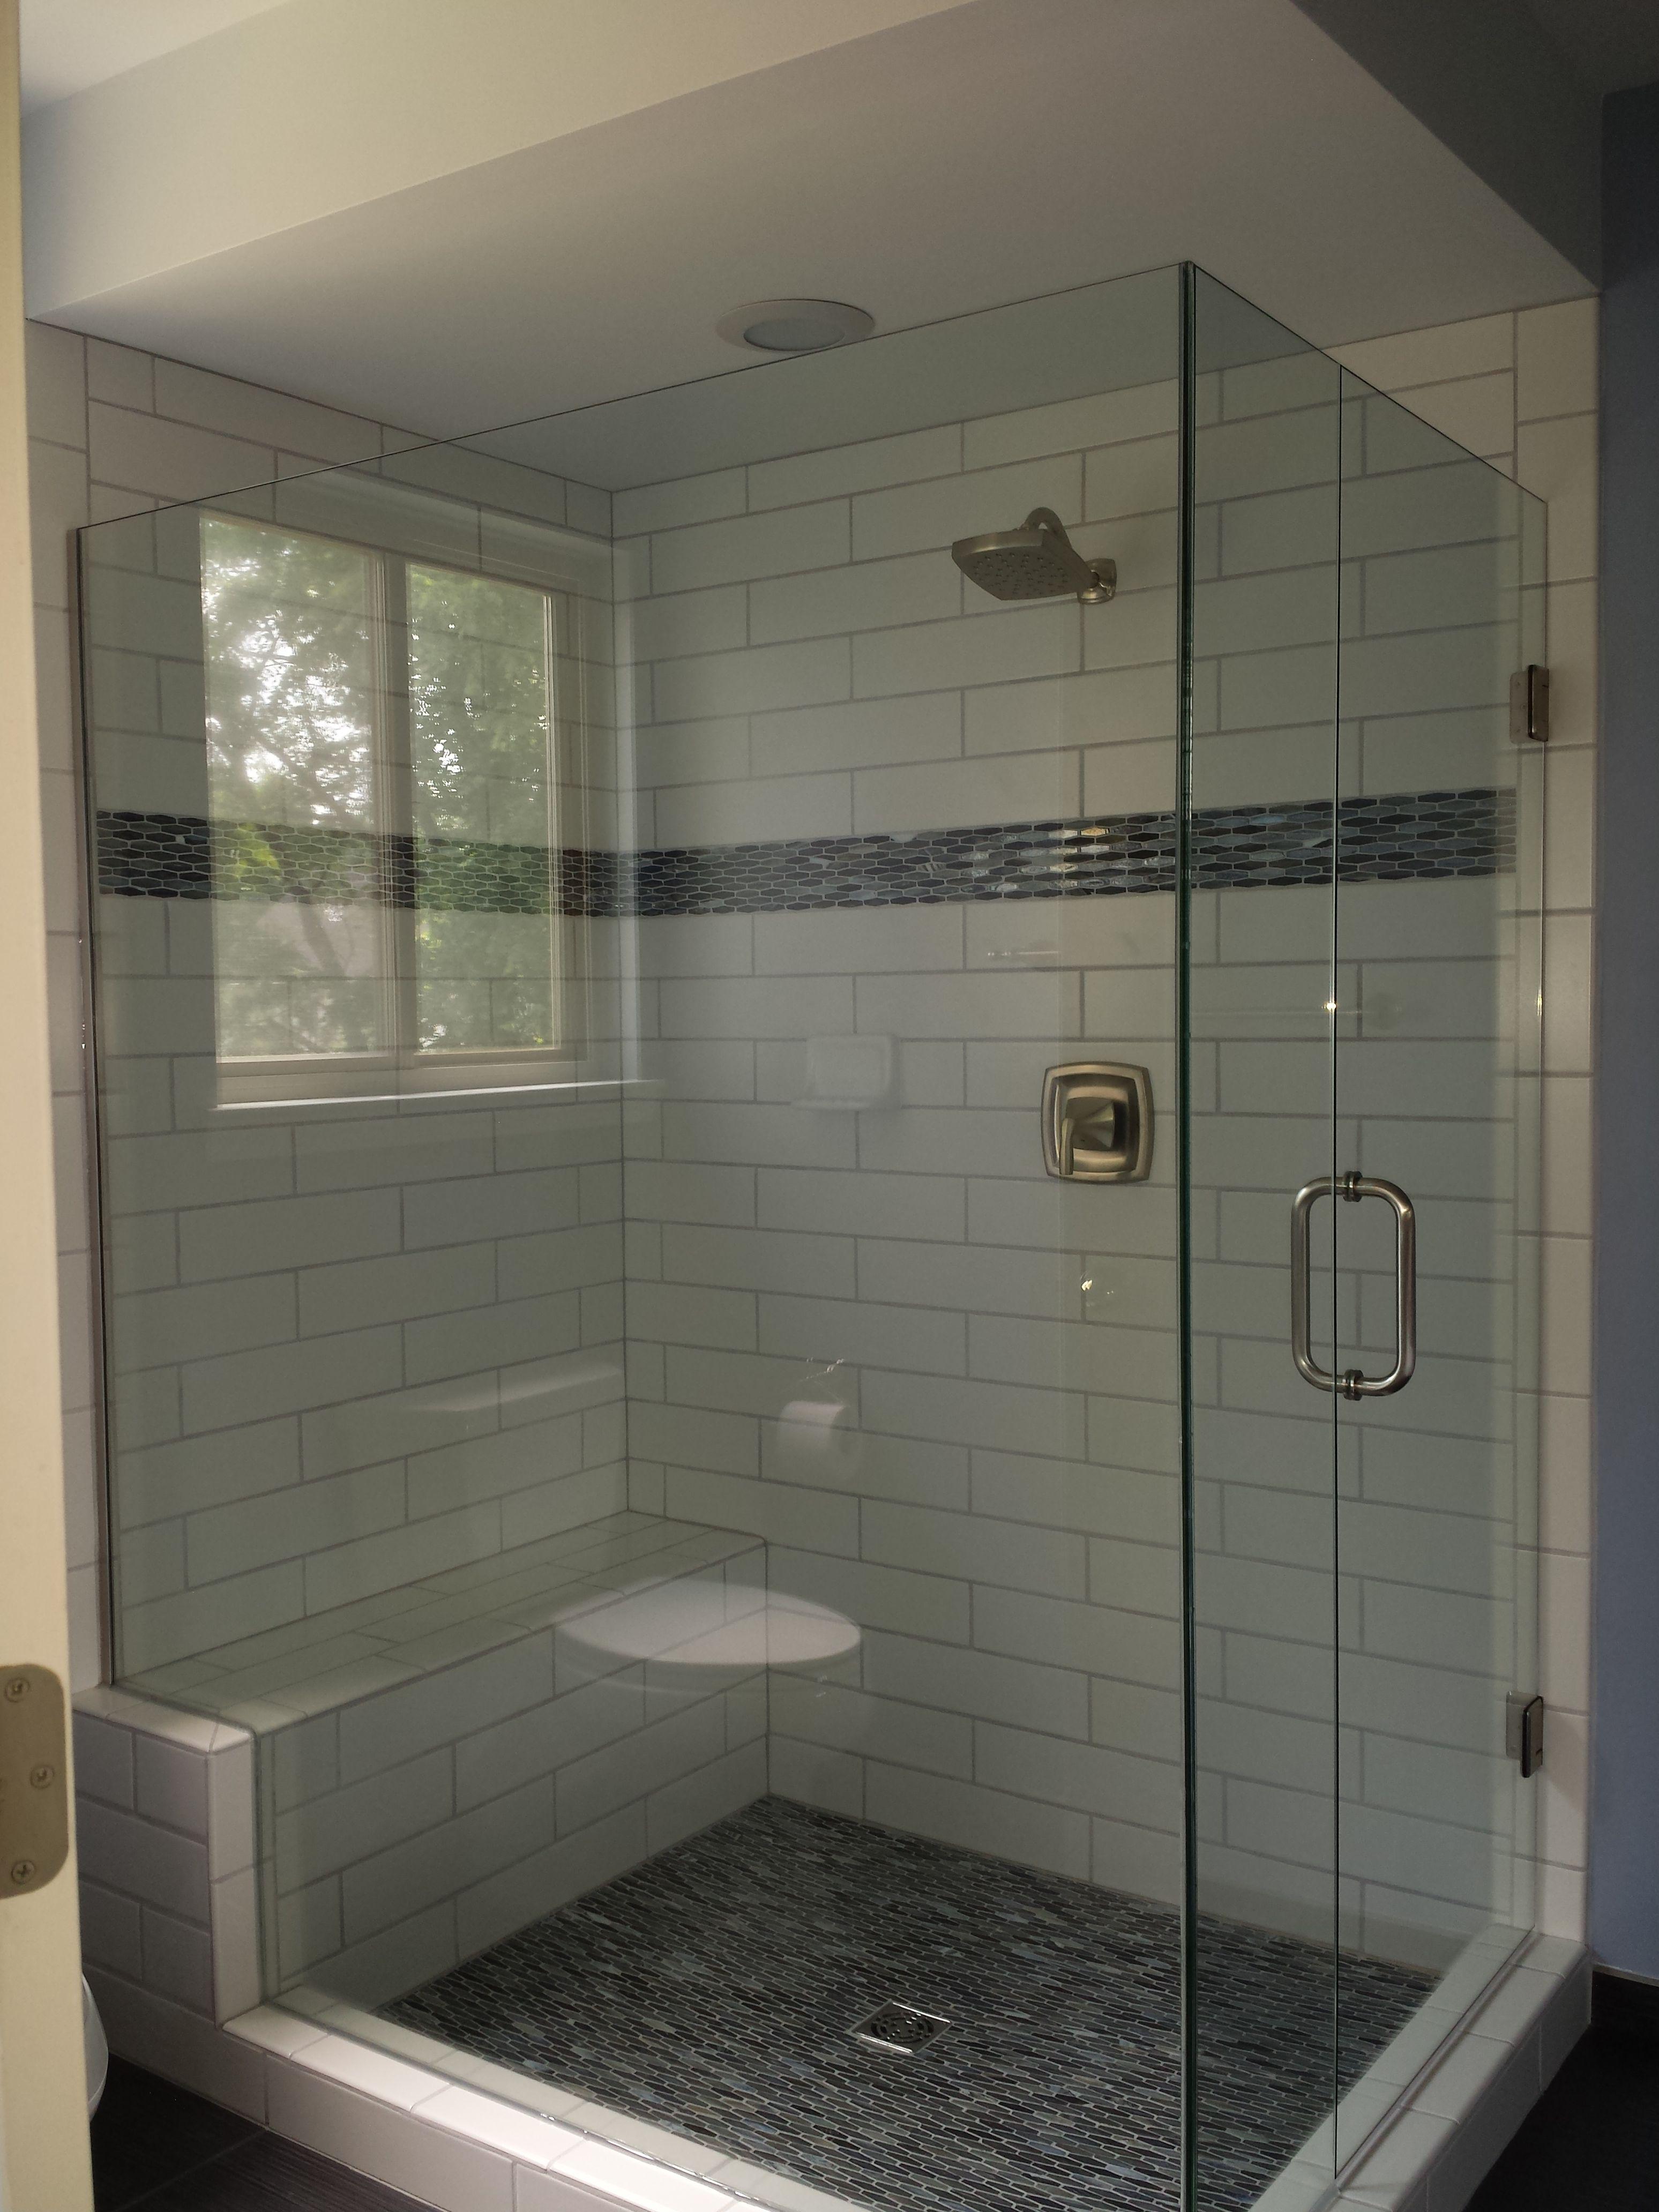 Bathroom Glass Door Installation Cost Variant Living Bathroom Renovation Cost Door Installation Budget Bathroom Remodel